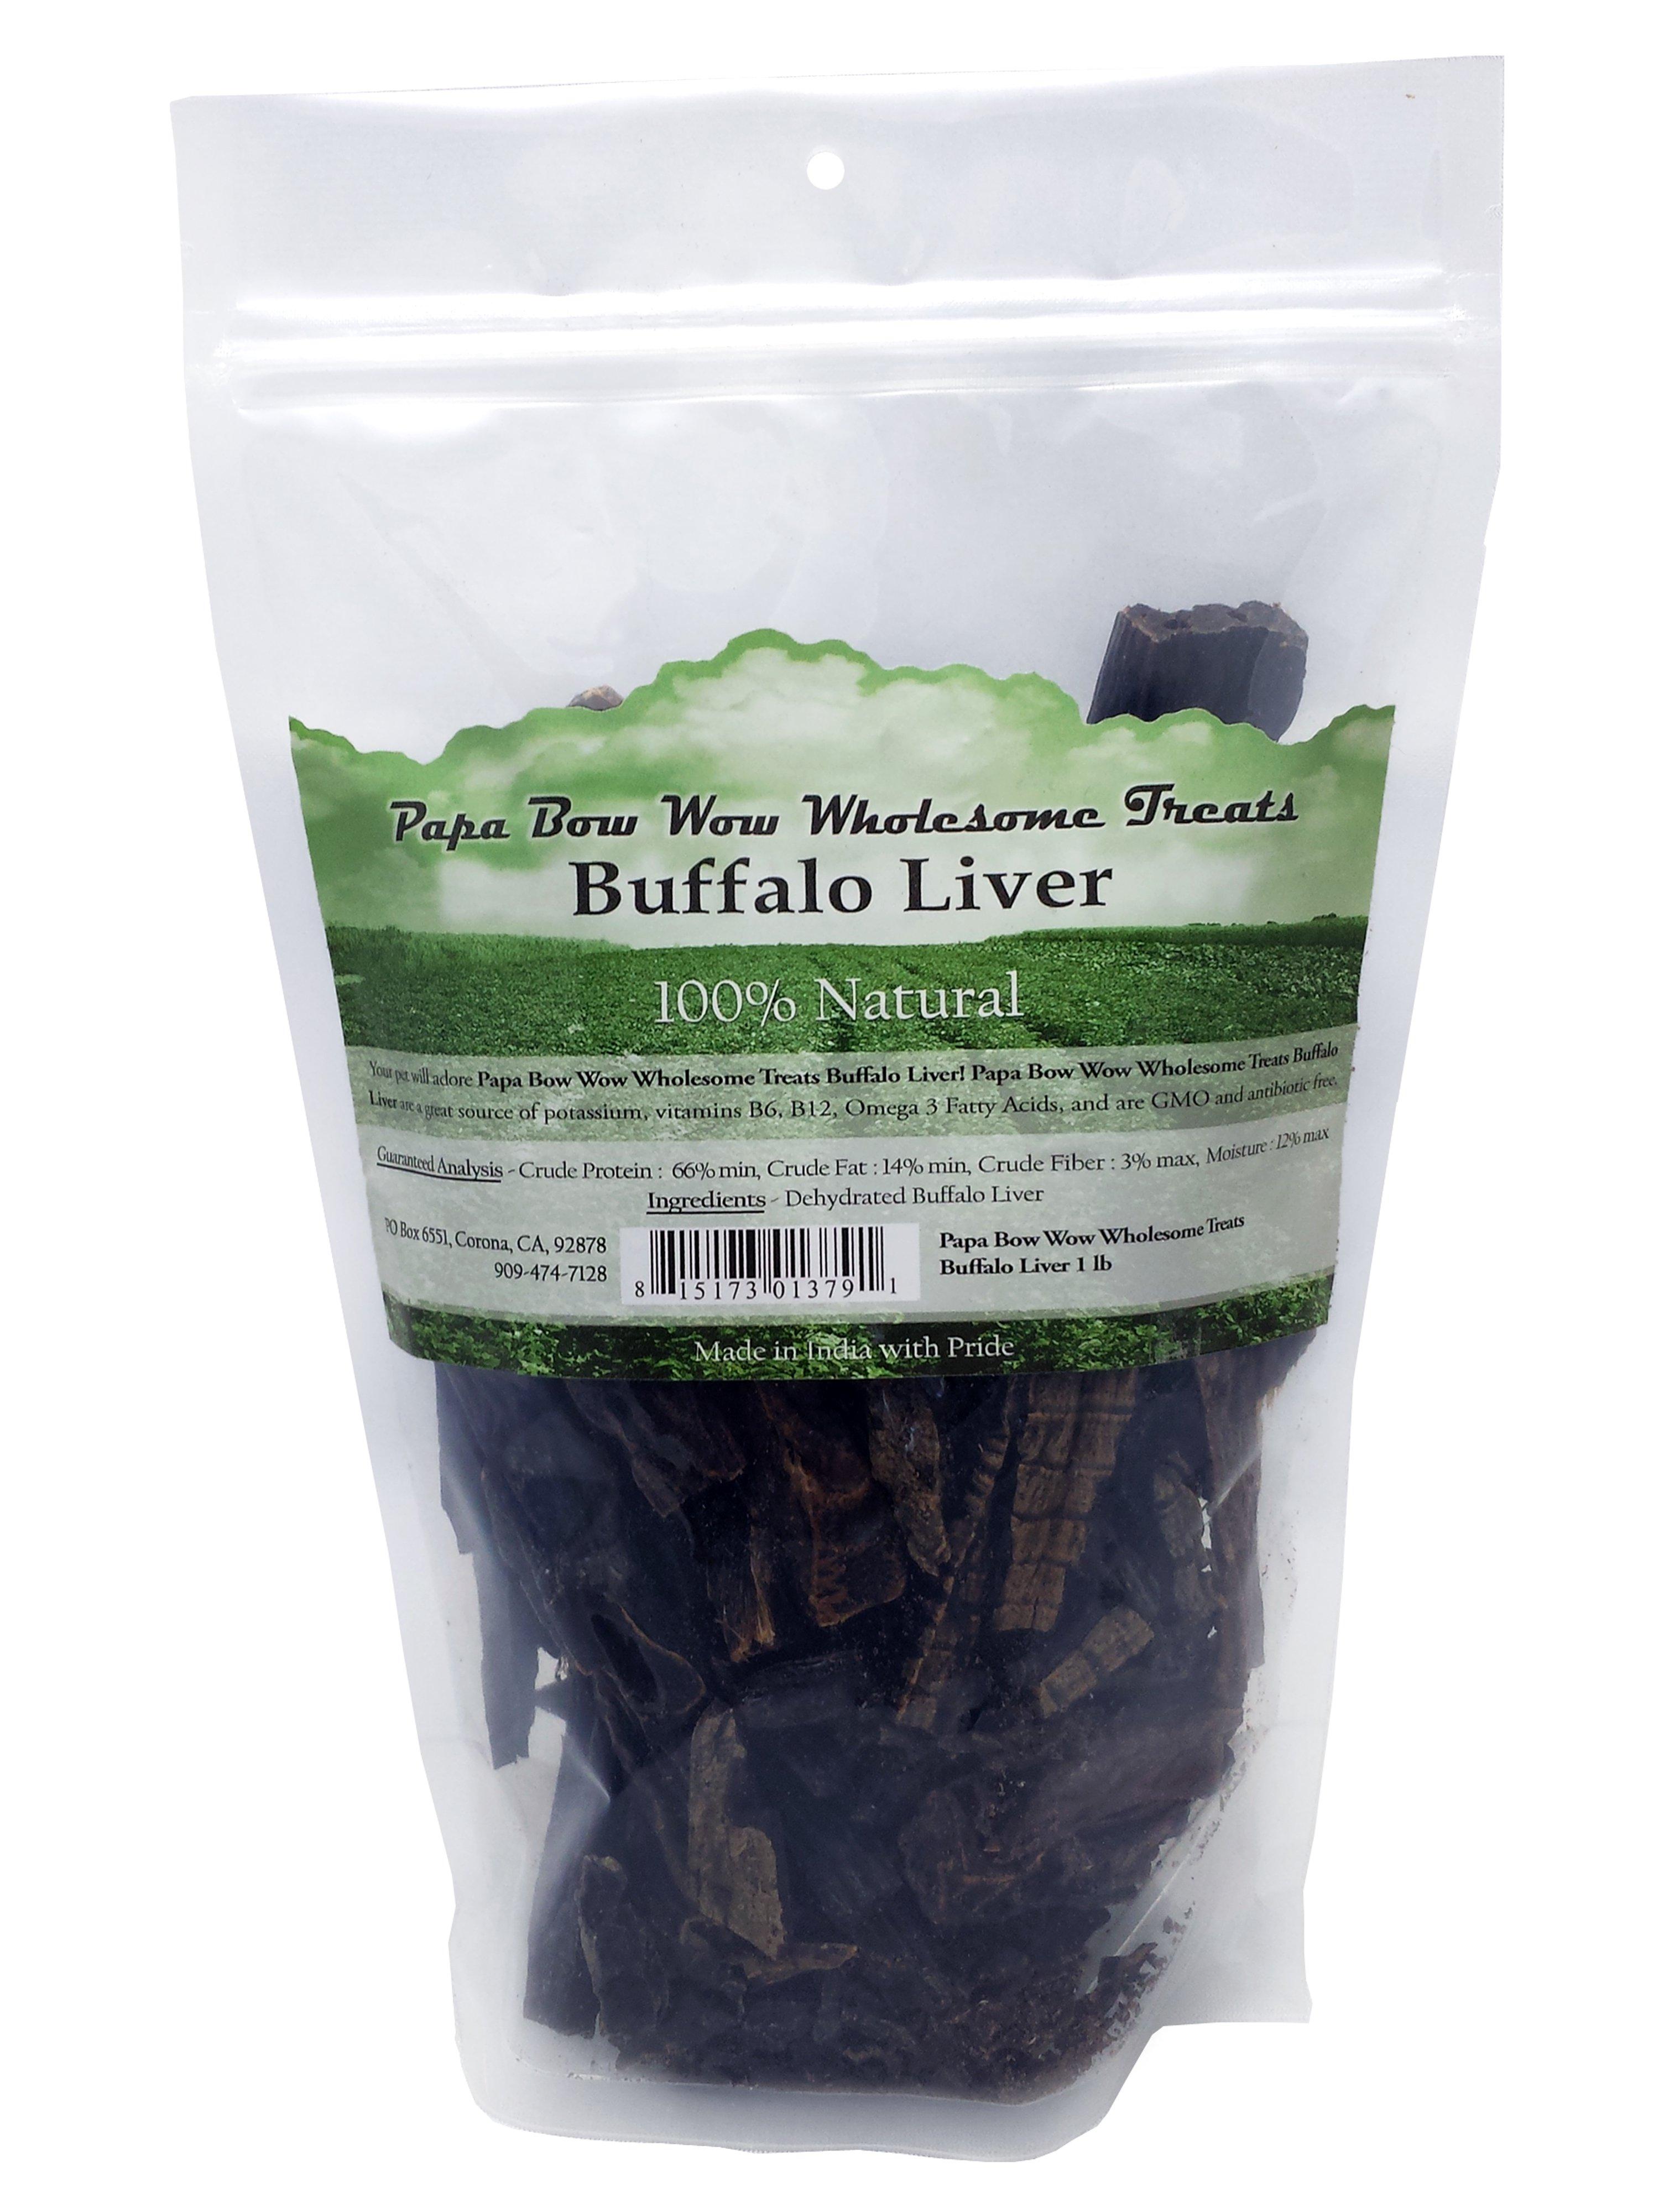 Papa Bow Wow PBW13791 Buffalo Liver Dog Treats - 1 lb